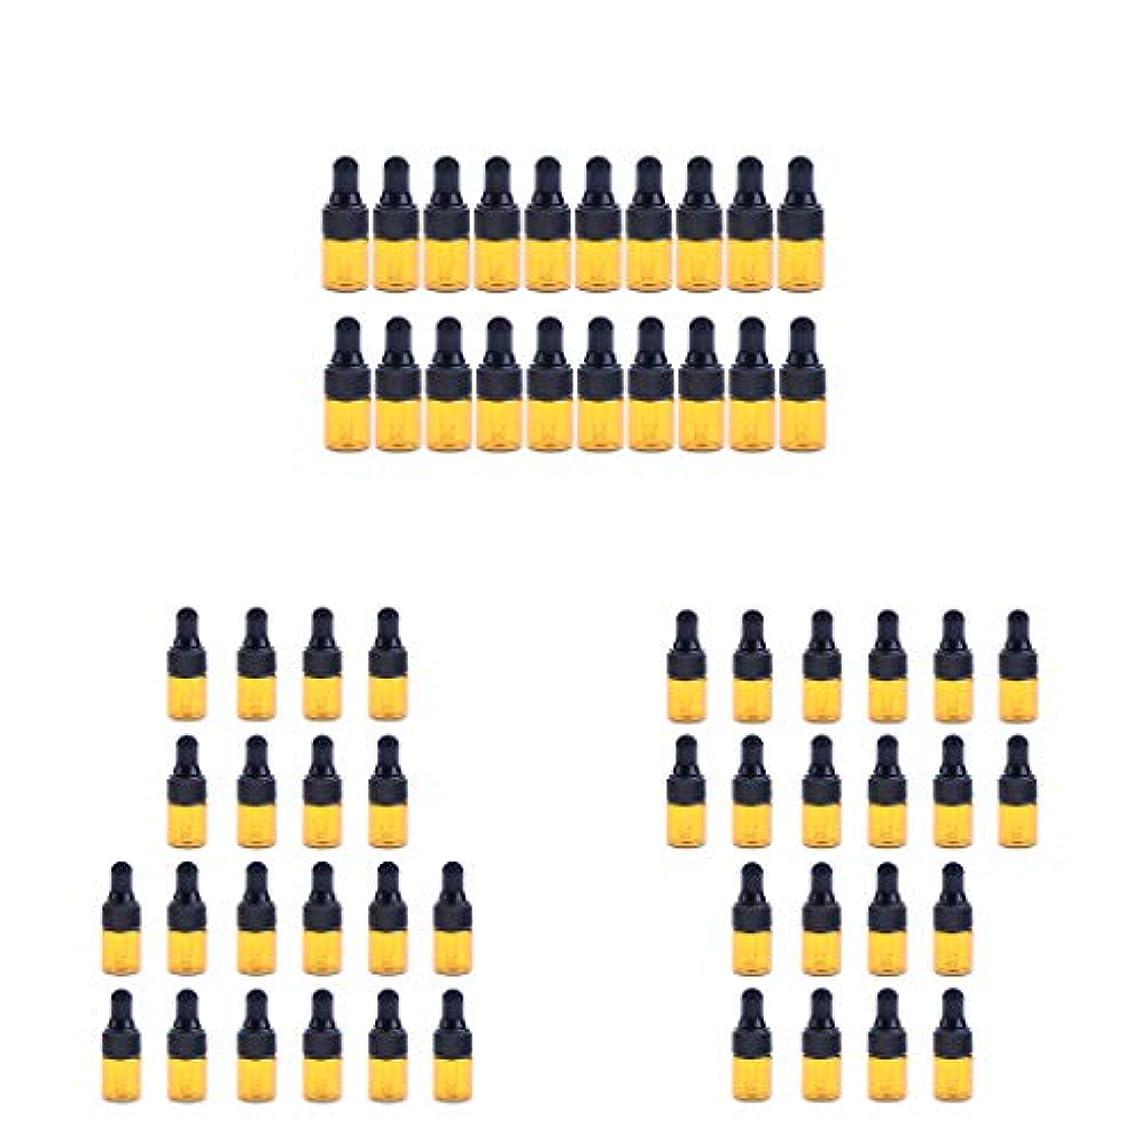 回想見習いコーナーdailymall エッセンシャルオイル ボトル ガラス ドロッパーボトル 3 Ml 約60ピースセット